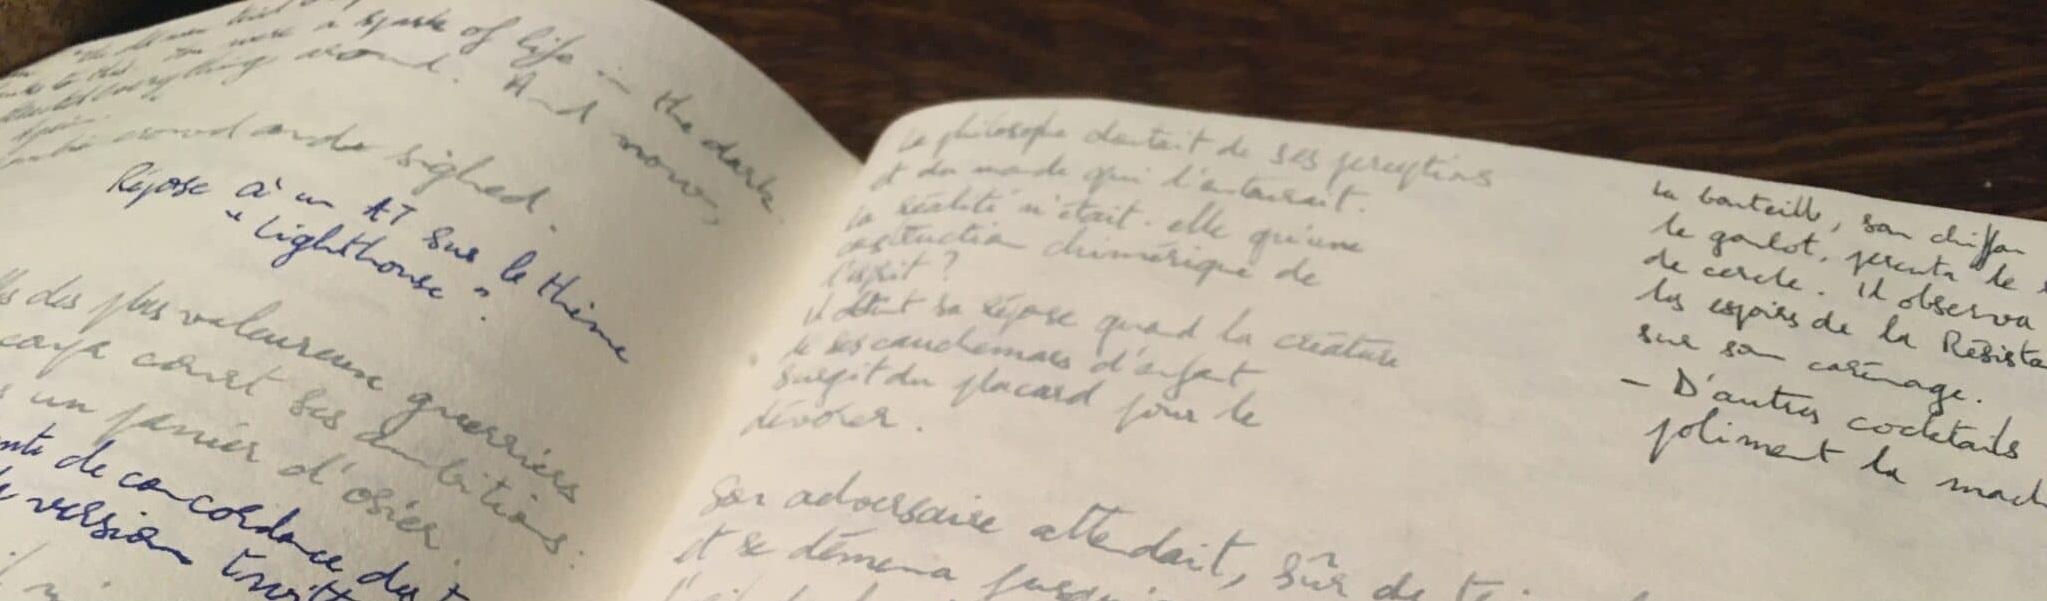 Un cahier dont les pages sont remplies d'histoires courtes et de microfictions manuscrites. Un prolongement de vie pour des exemplaires de littérature courte.